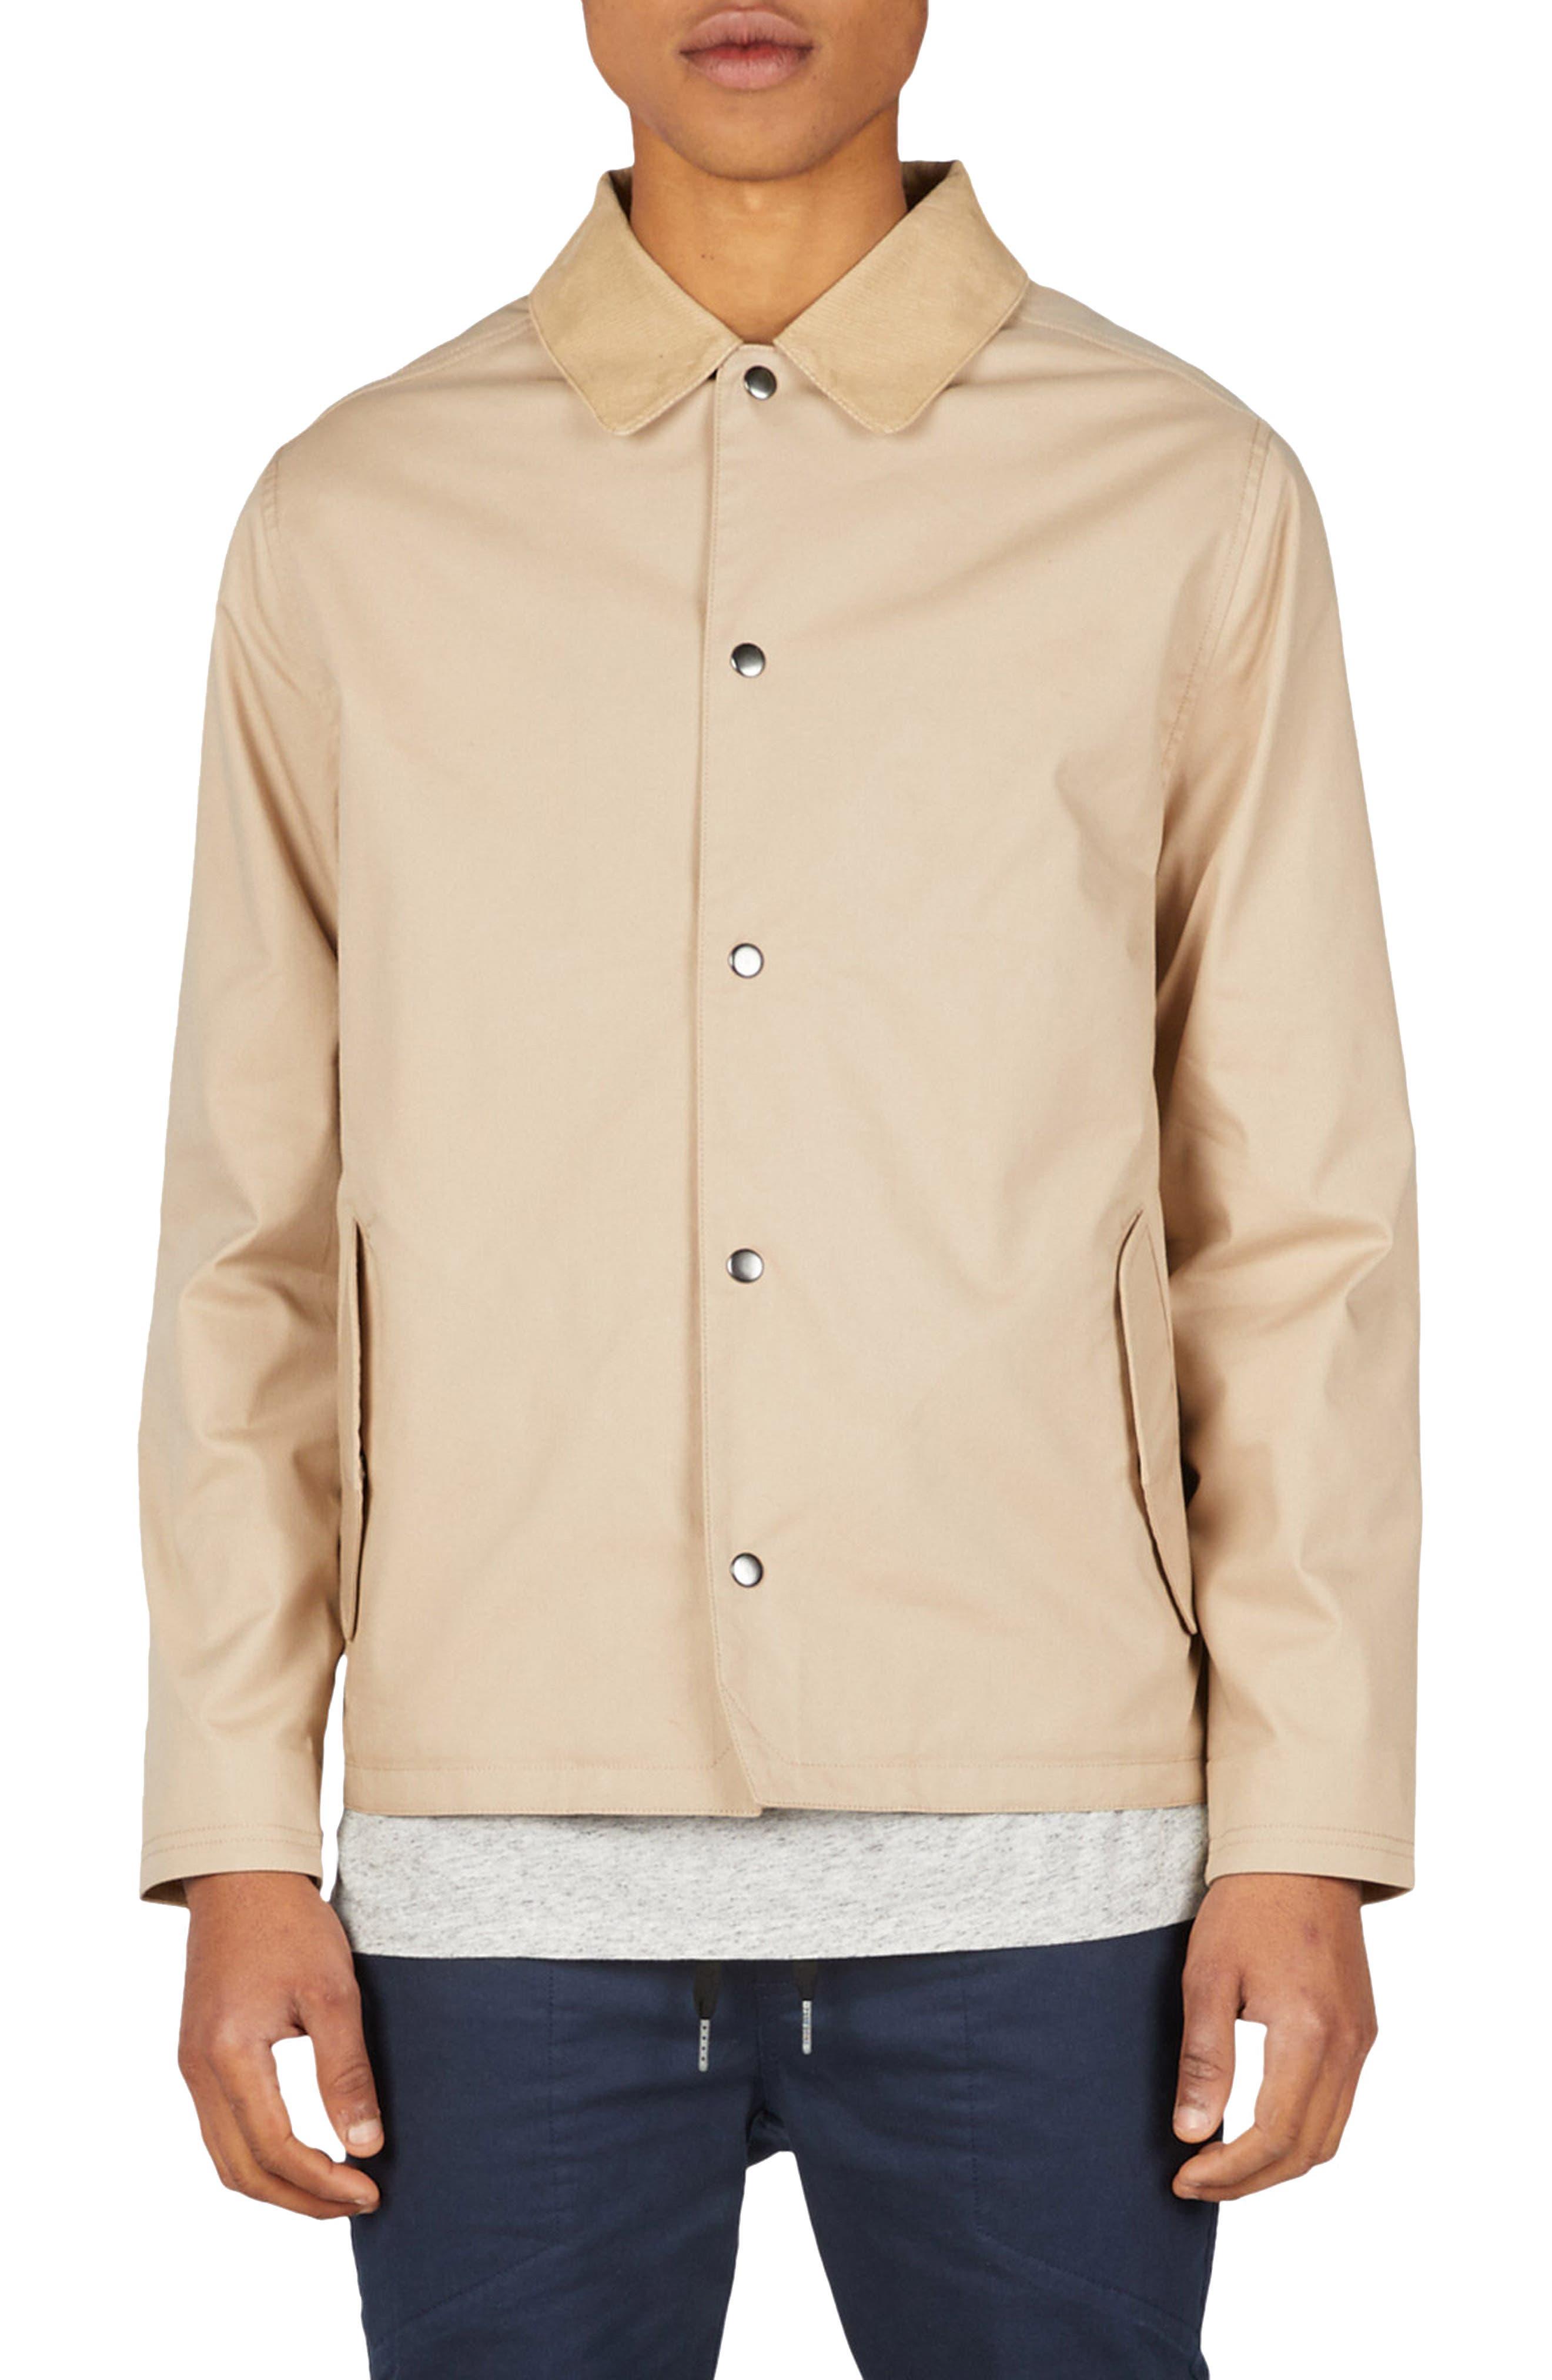 Coach's Jacket,                         Main,                         color, 901